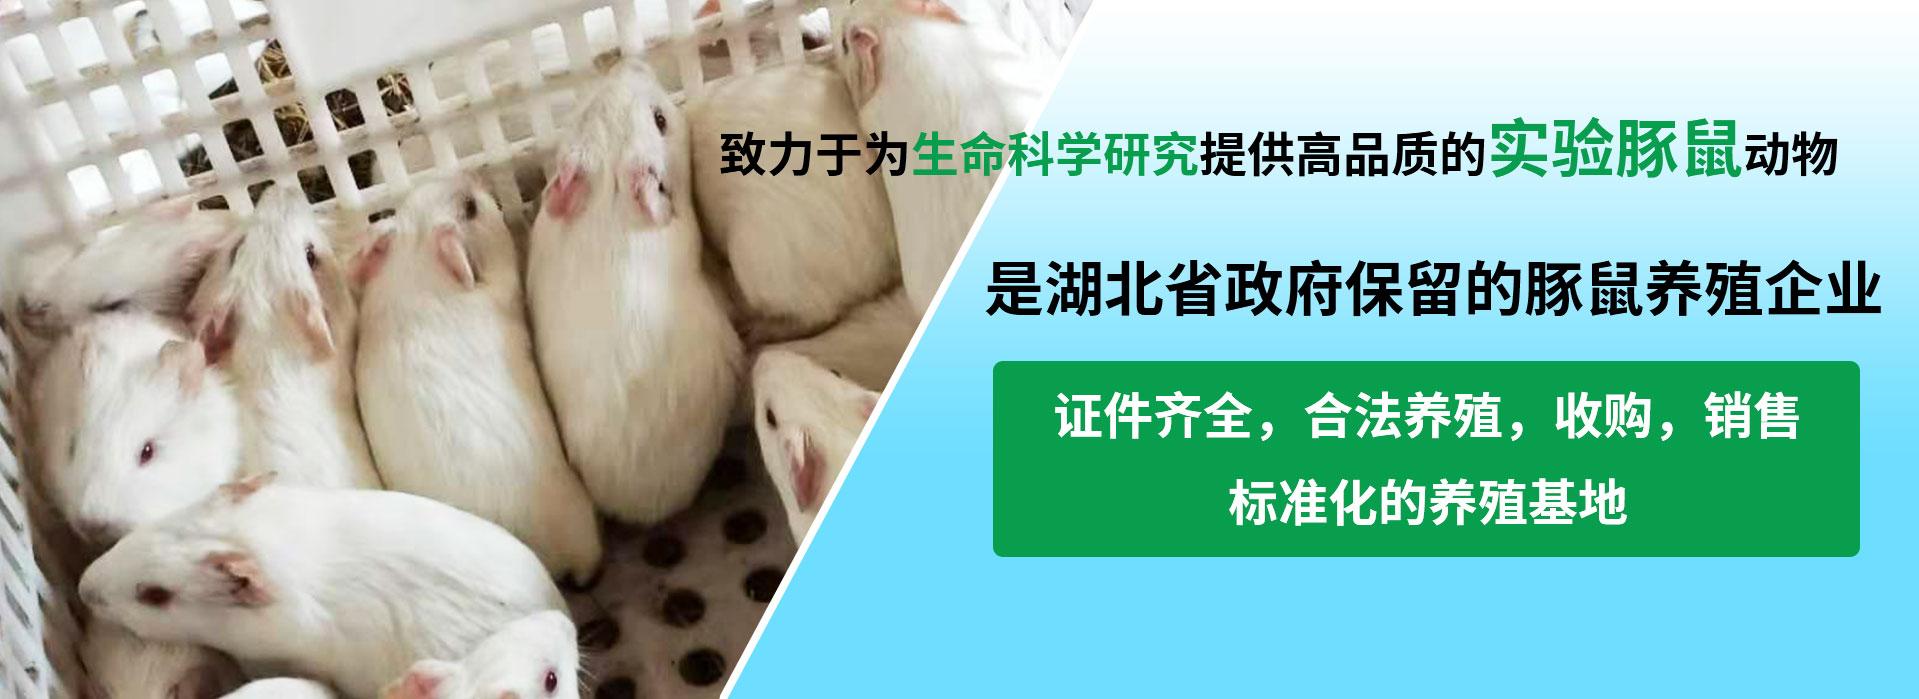 實驗白豚鼠養殖,白豚鼠養殖培訓,白豚鼠養殖技術